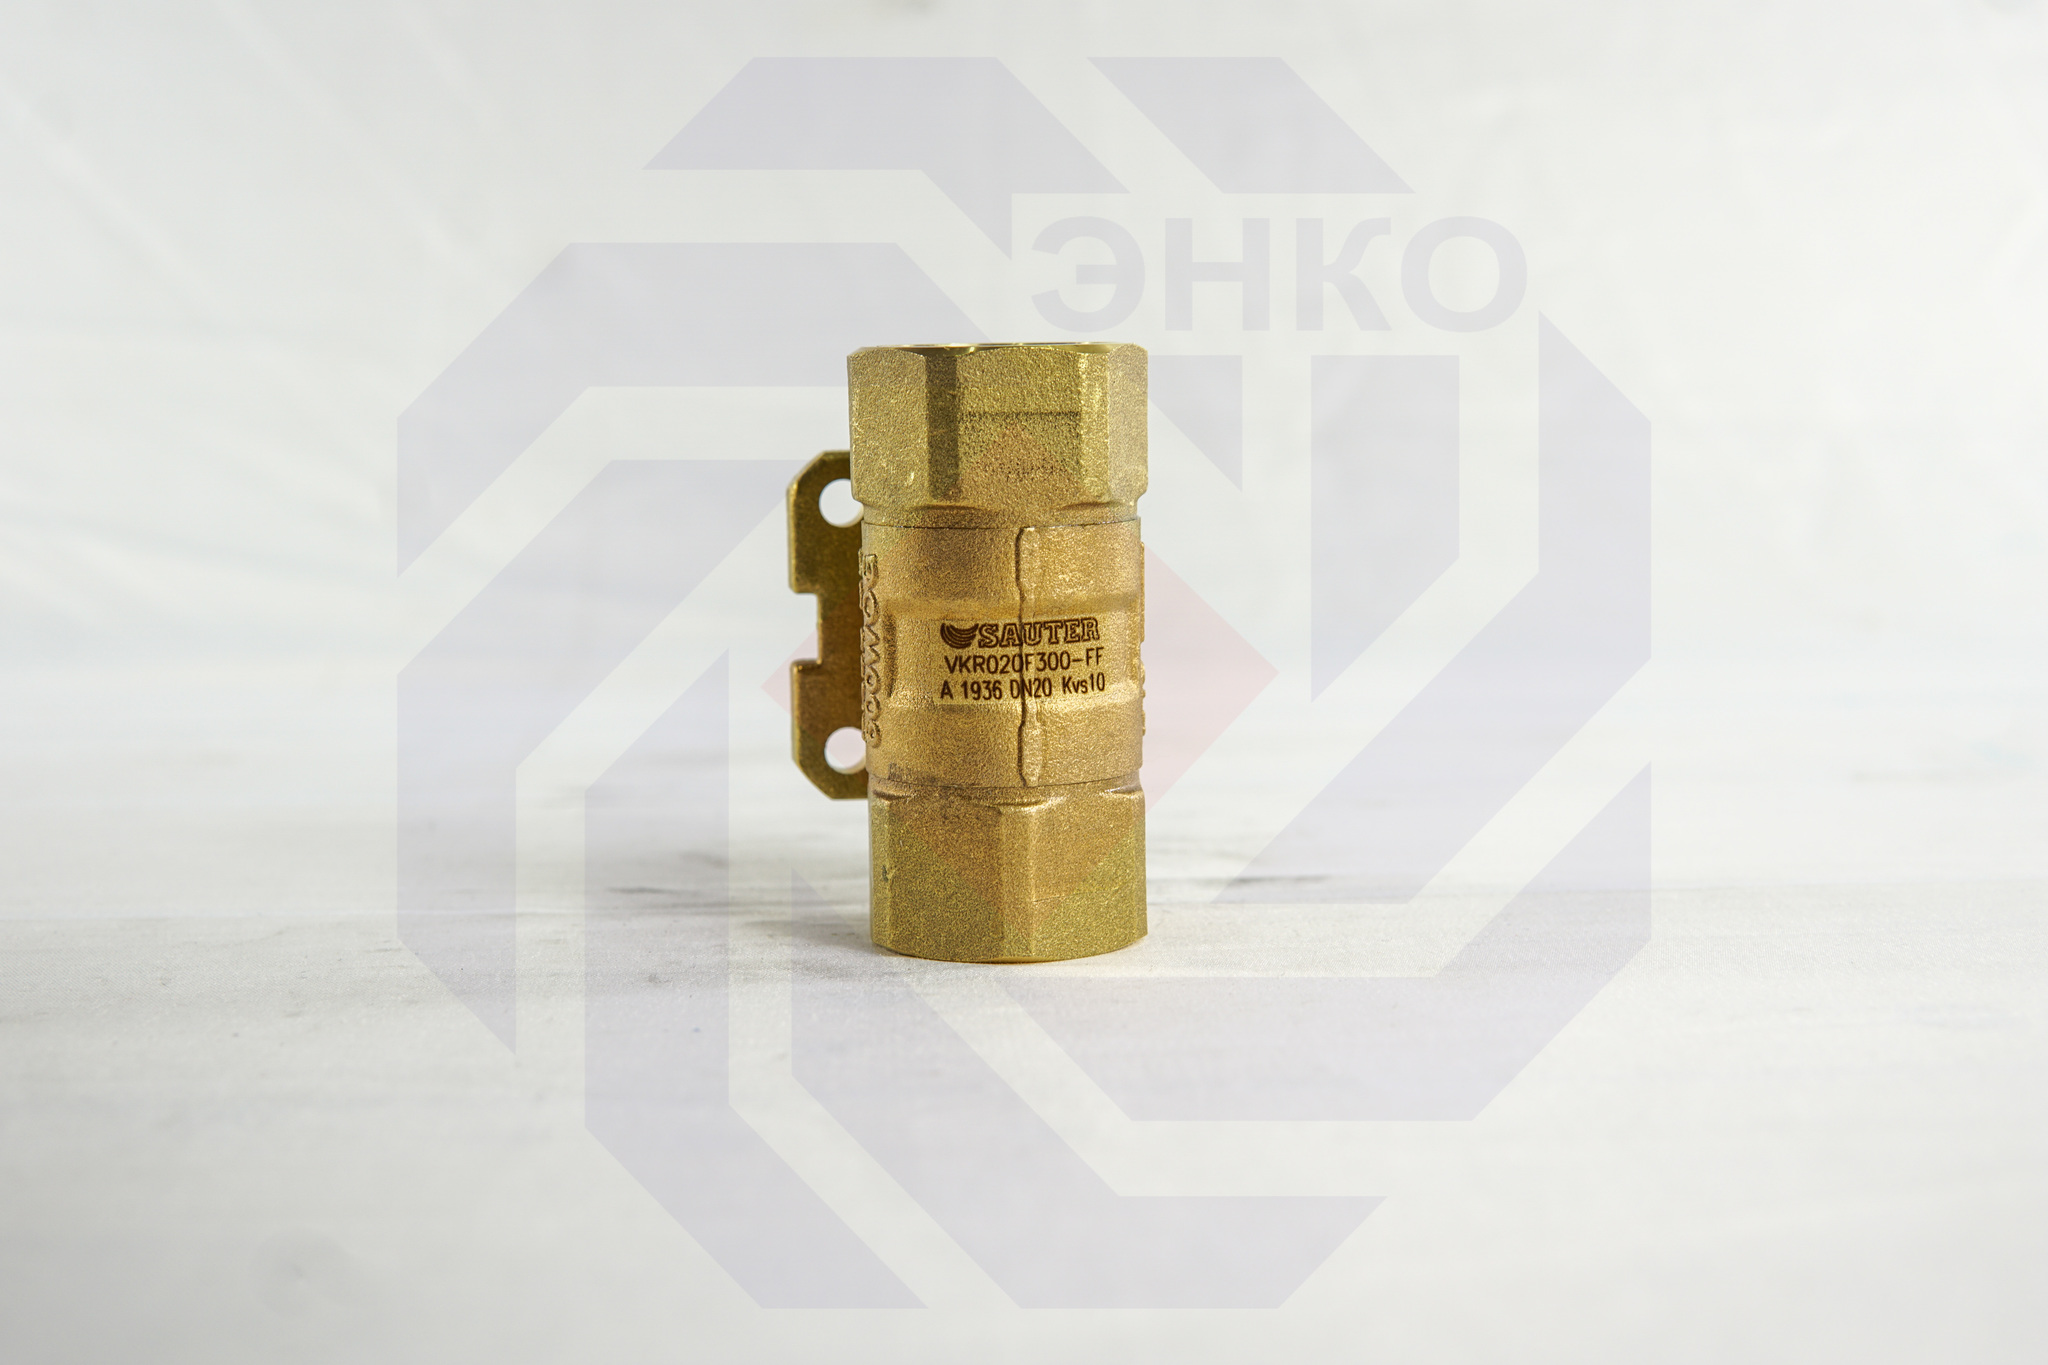 Клапан шаровой регулирующий SAUTER VKR300 DN 20